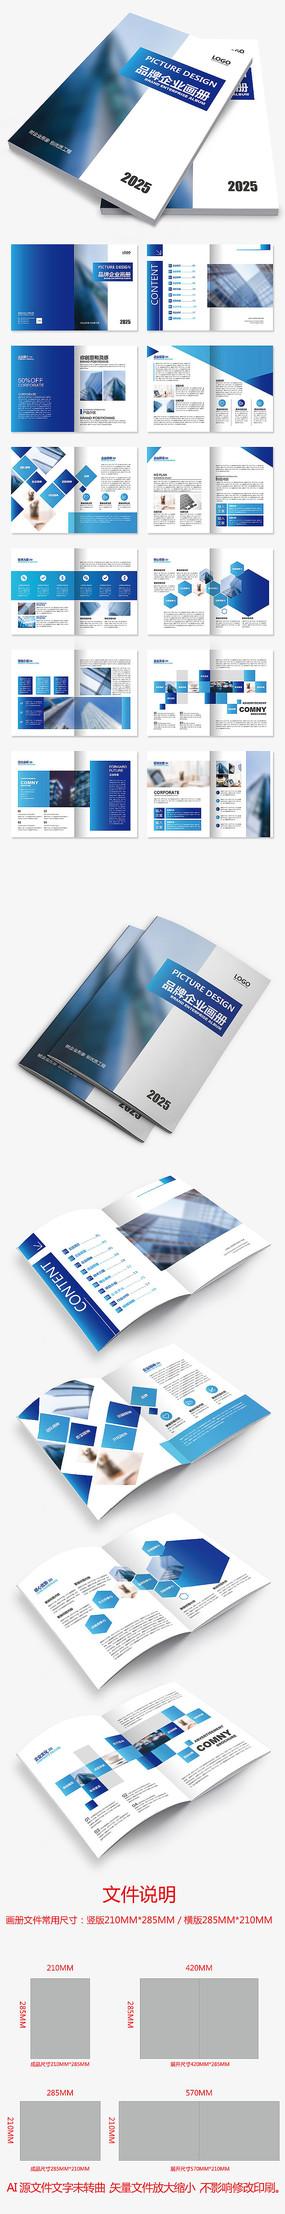 蓝色产品招商公司宣传册企业画册设计模板